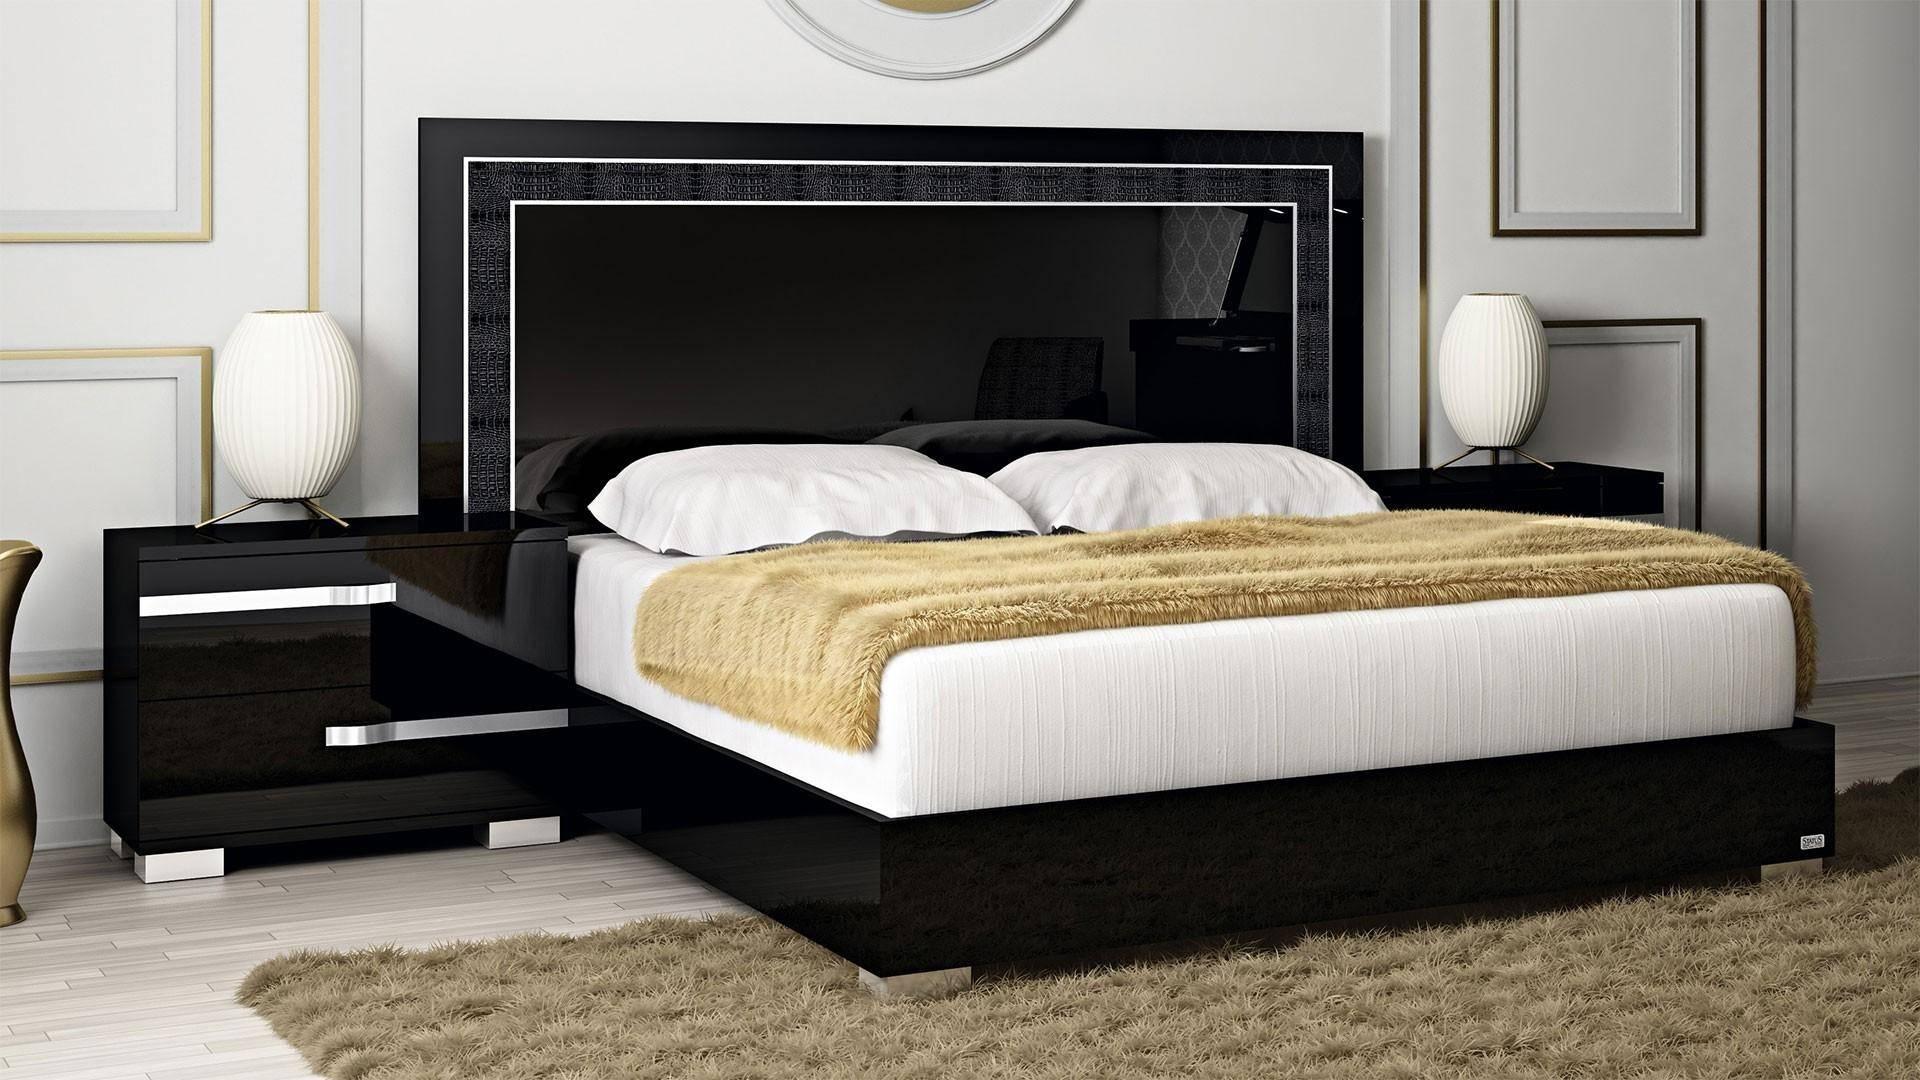 Buy At Home Volare King Platform Bedroom Set 3 Pcs In Black Wood Wood Veneers Solid Hardwood Online